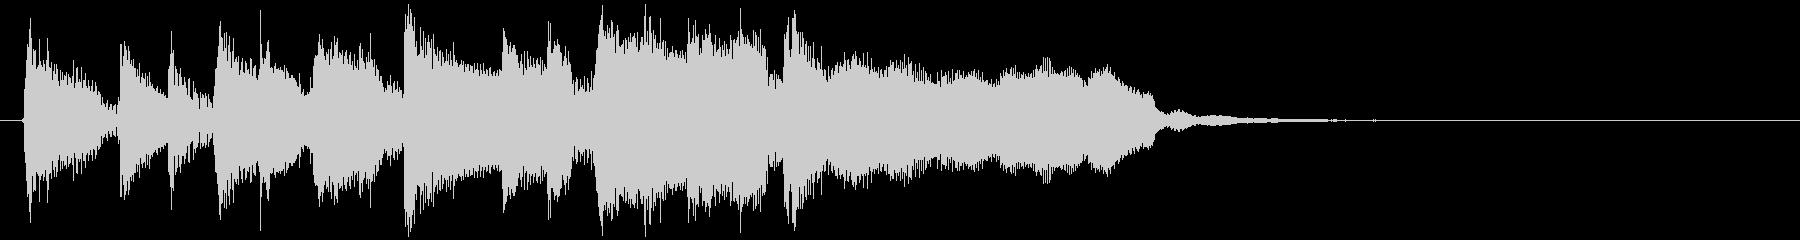 リコーダー&ピアノの軽快なサウンドロゴの未再生の波形